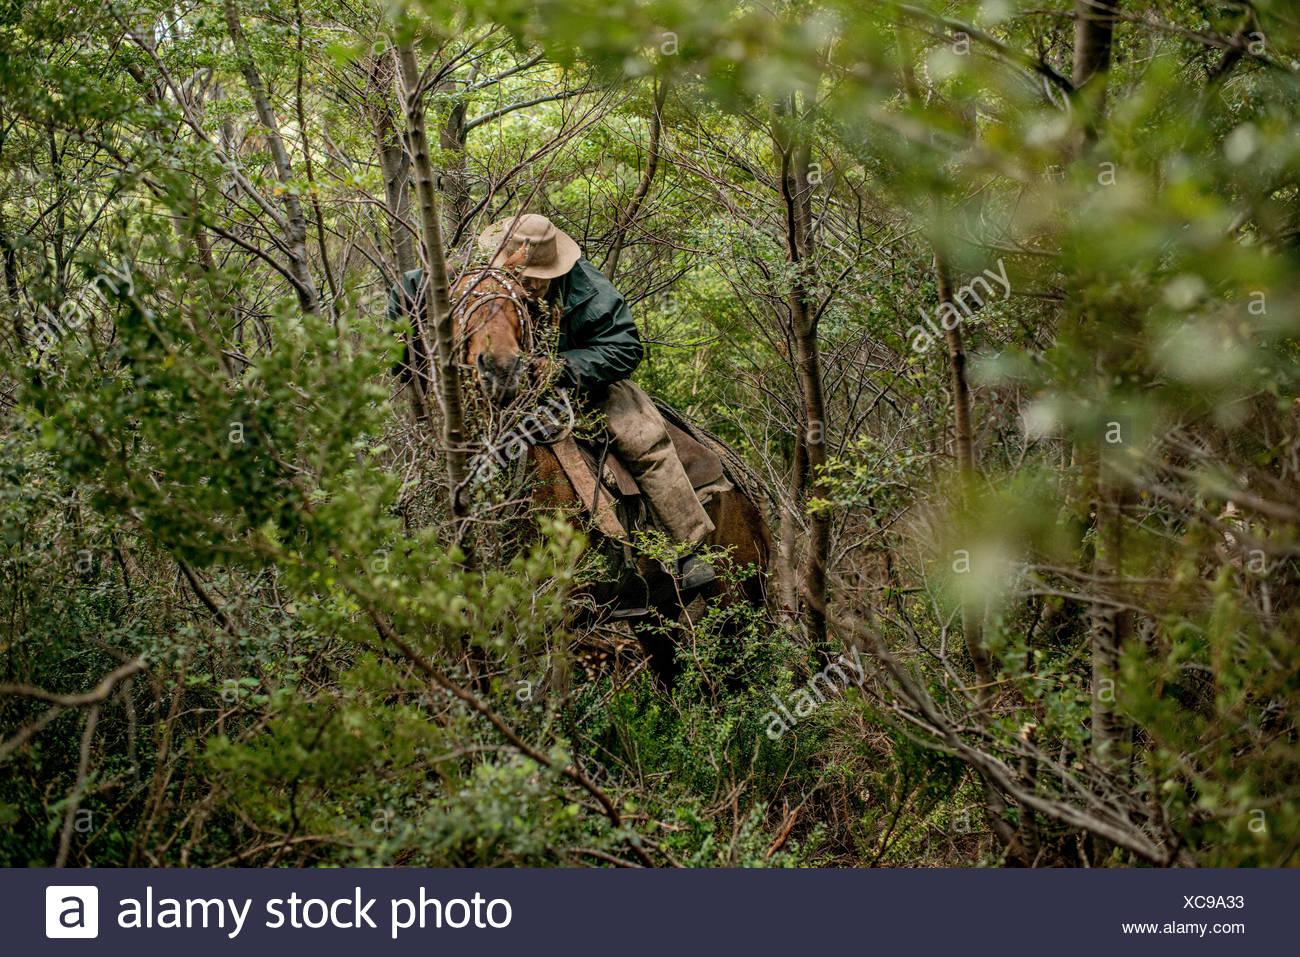 Un bagualero, un cow-boy qui capture les animaux sauvages, détourne un sentier à travers la forêt à cheval. Photo Stock